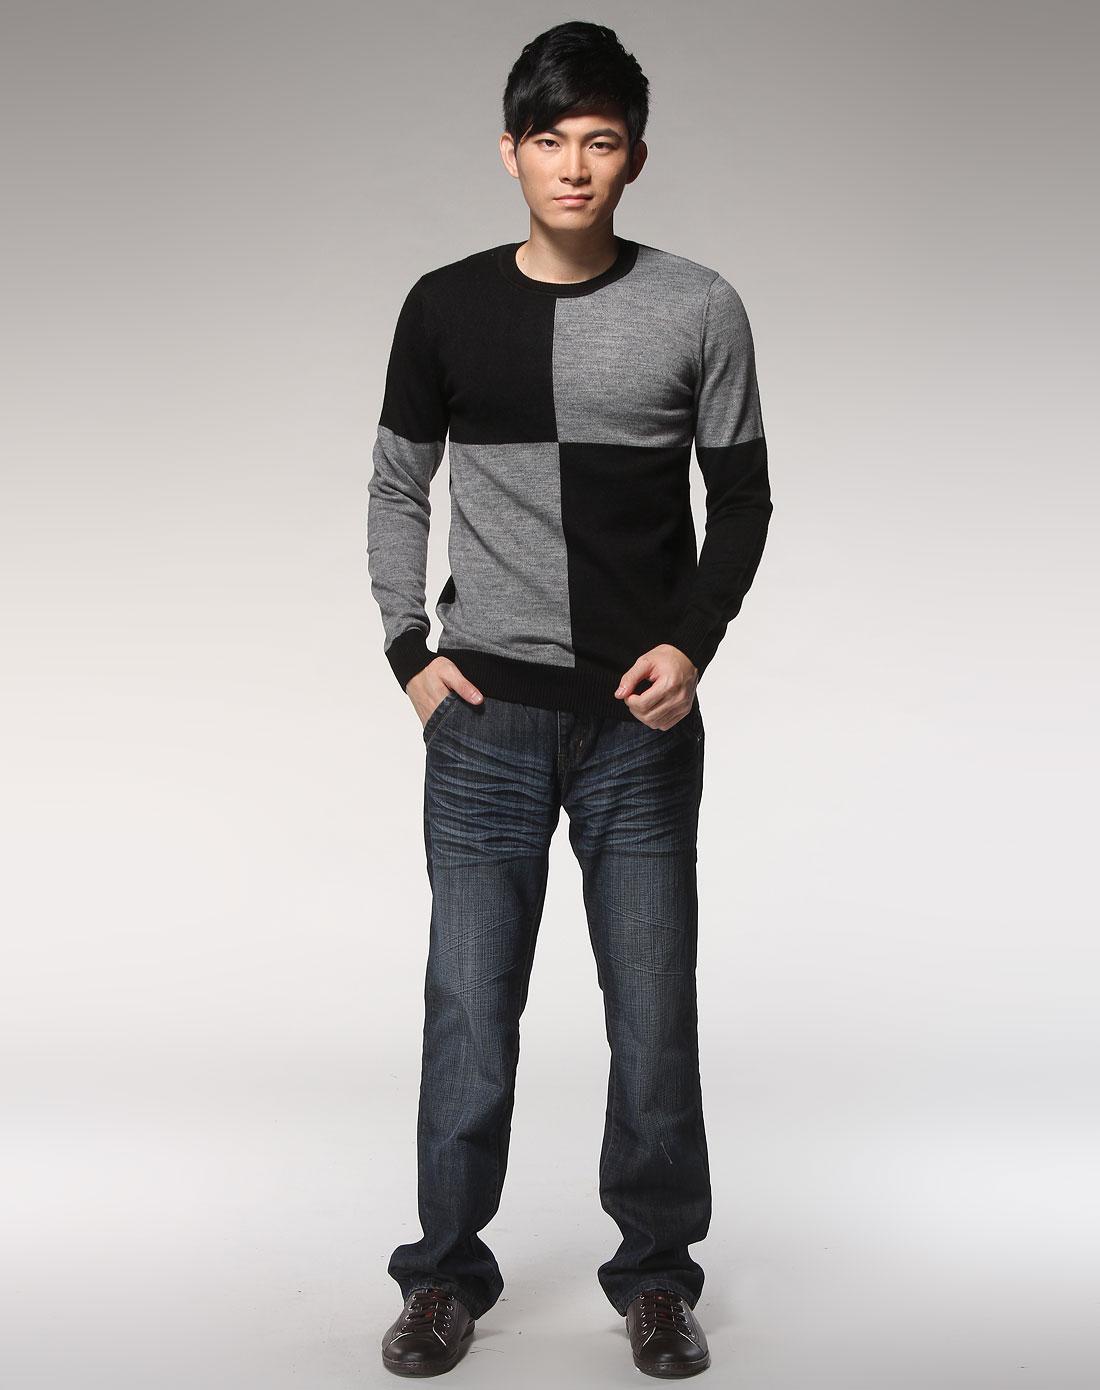 森马男装专场-黑灰色时尚拼色长袖毛衫图片